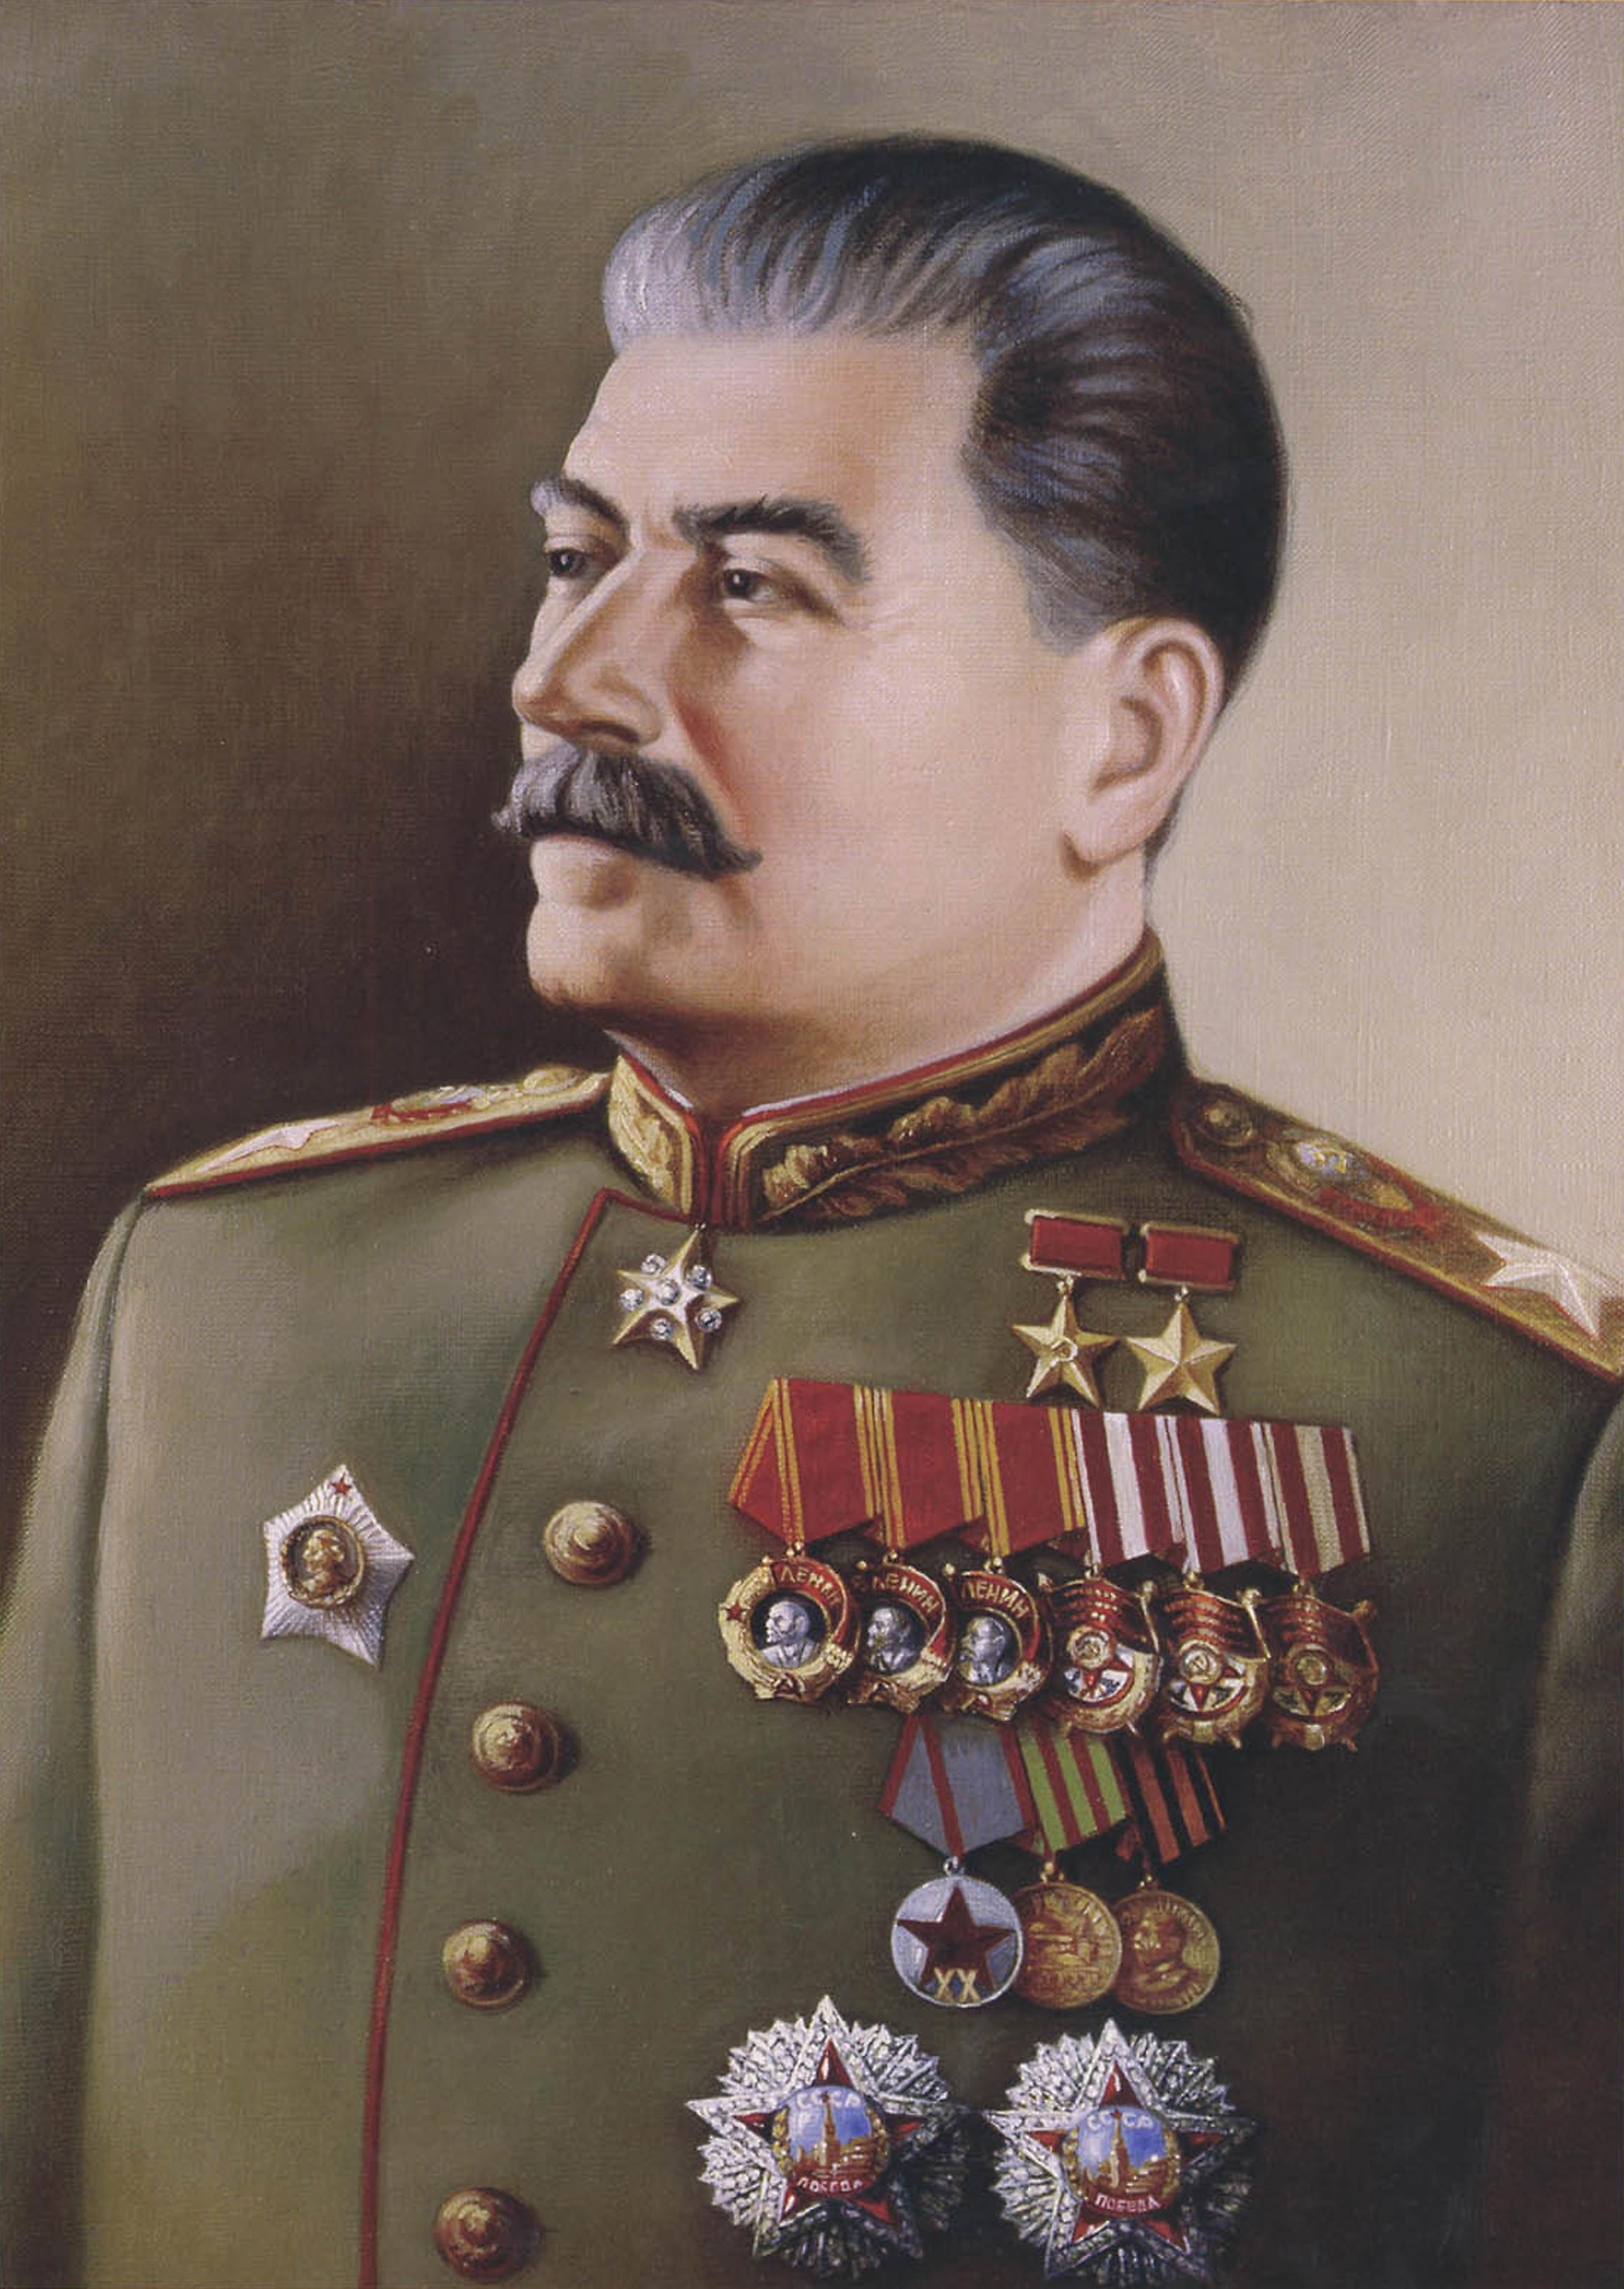 Иосиф Сталин - человек, переломивший хребет фашизму